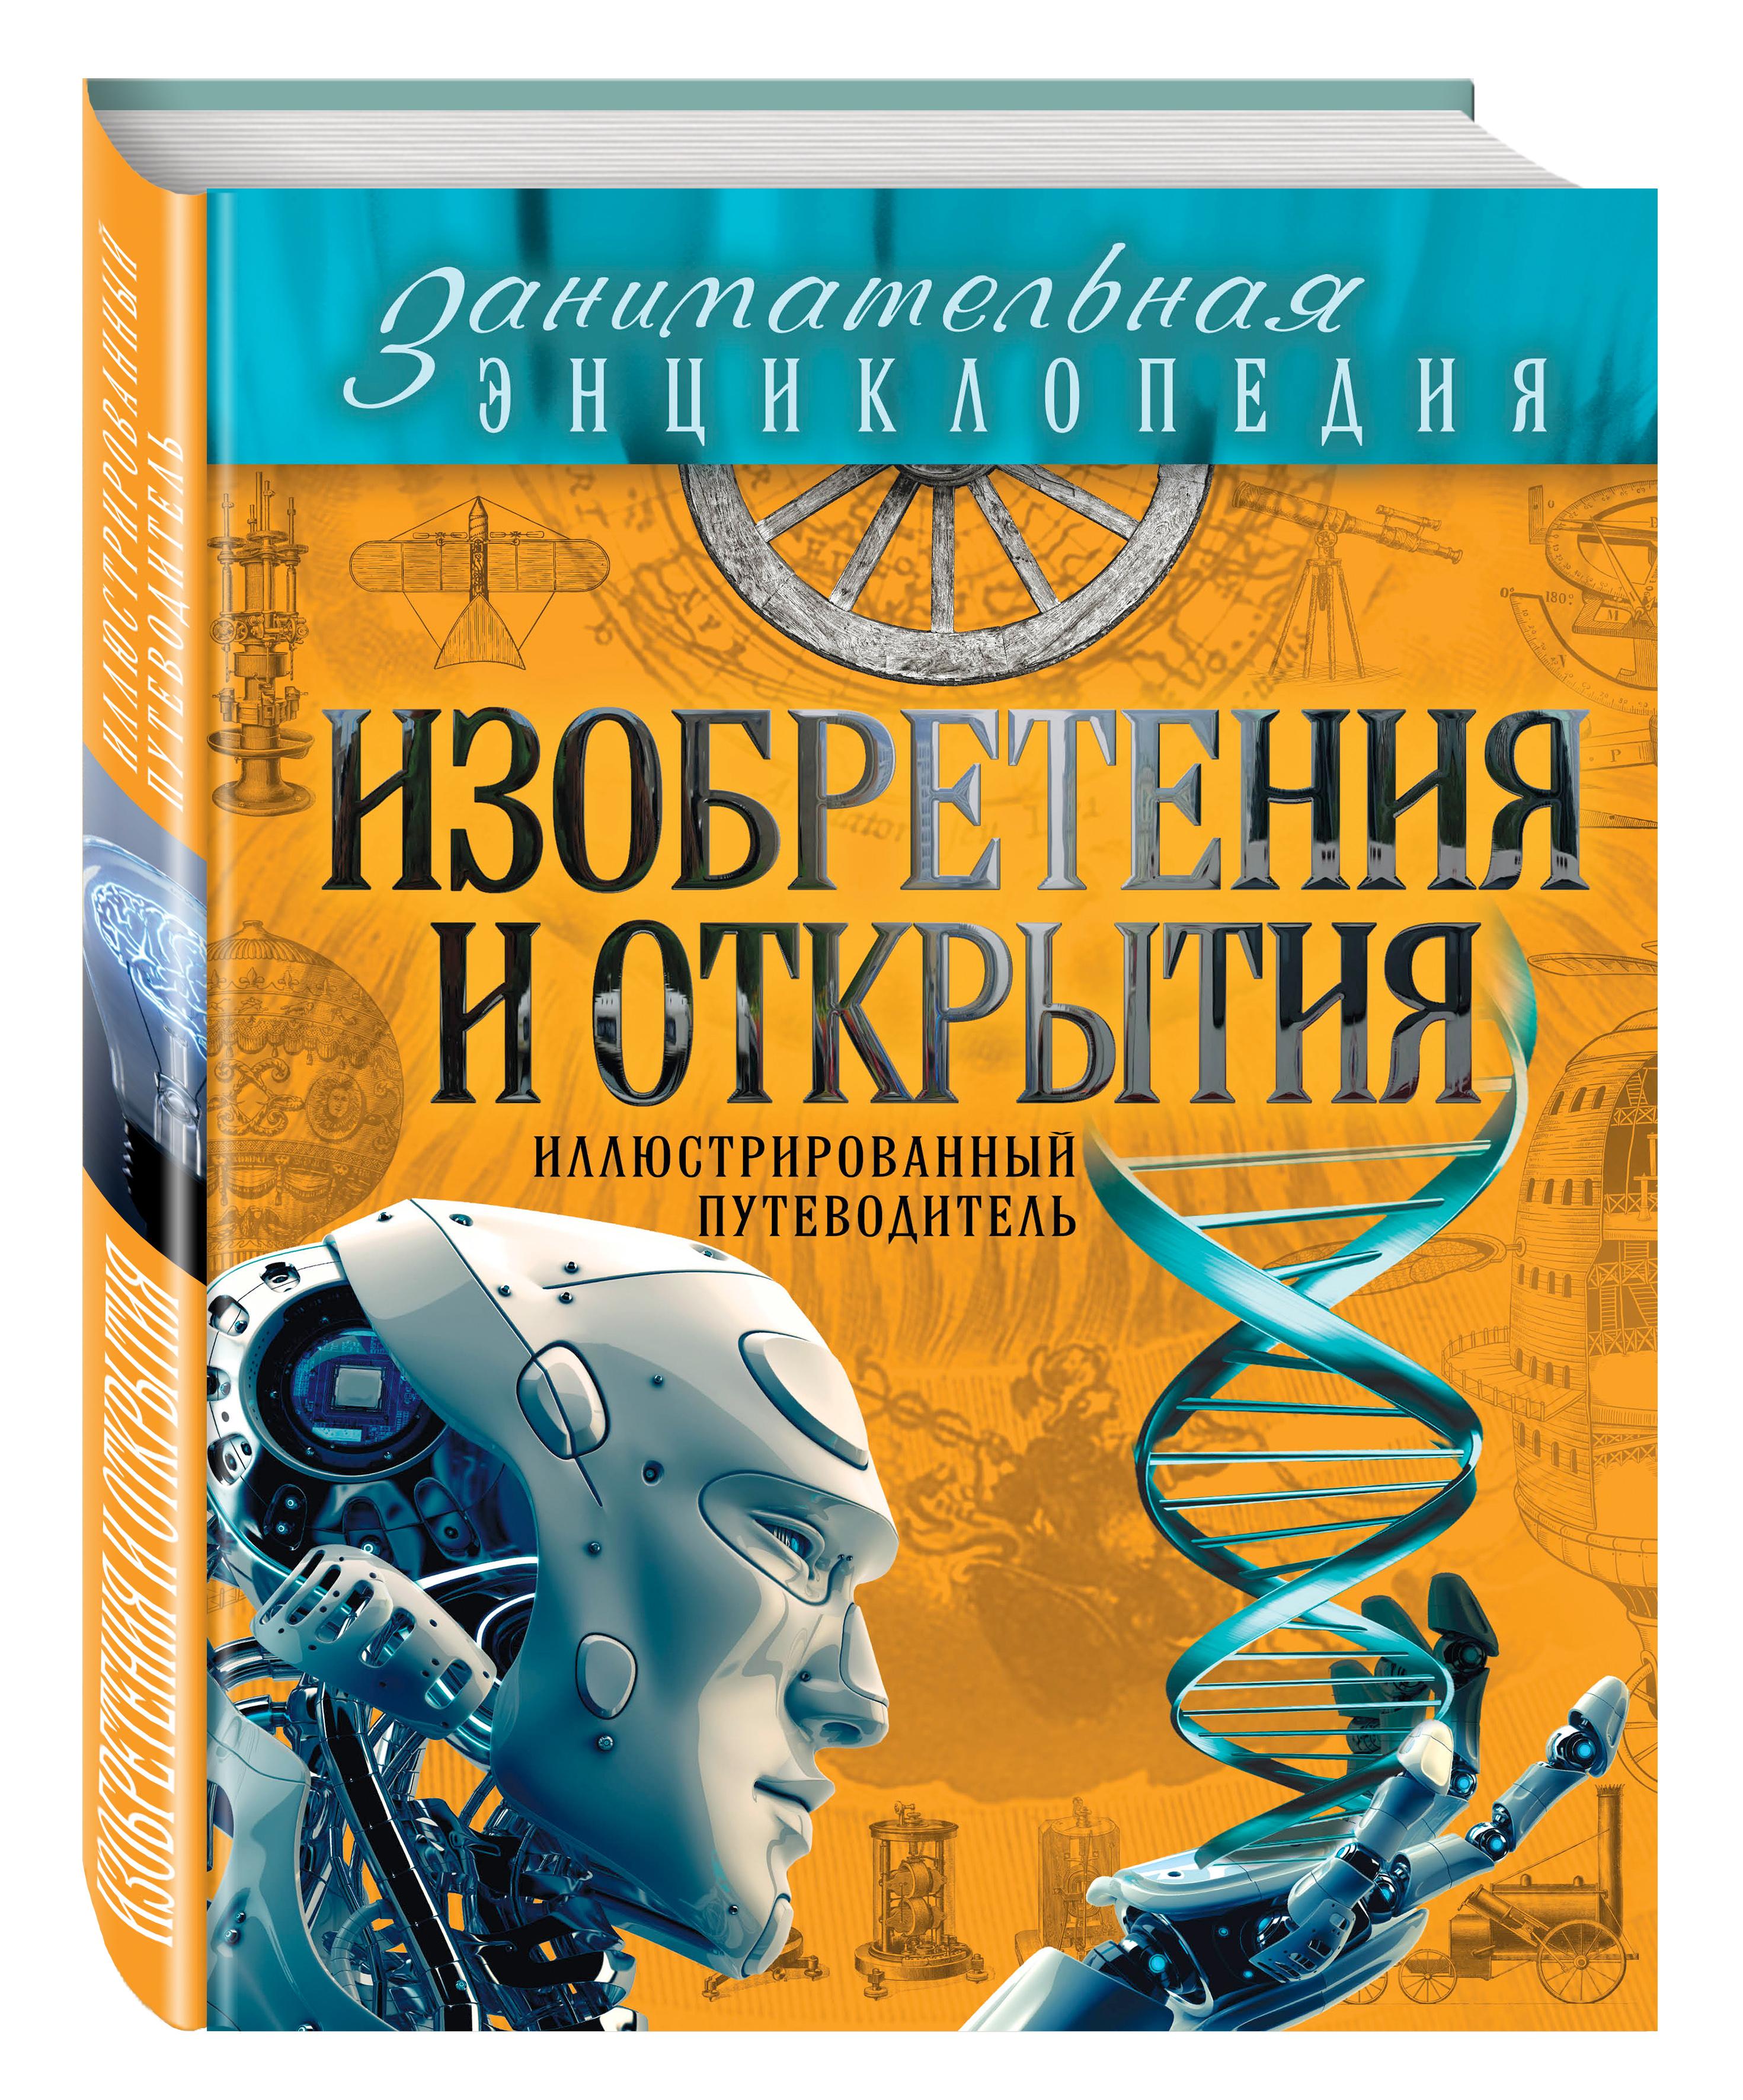 Изобретения и открытия: иллюстрированный путеводитель